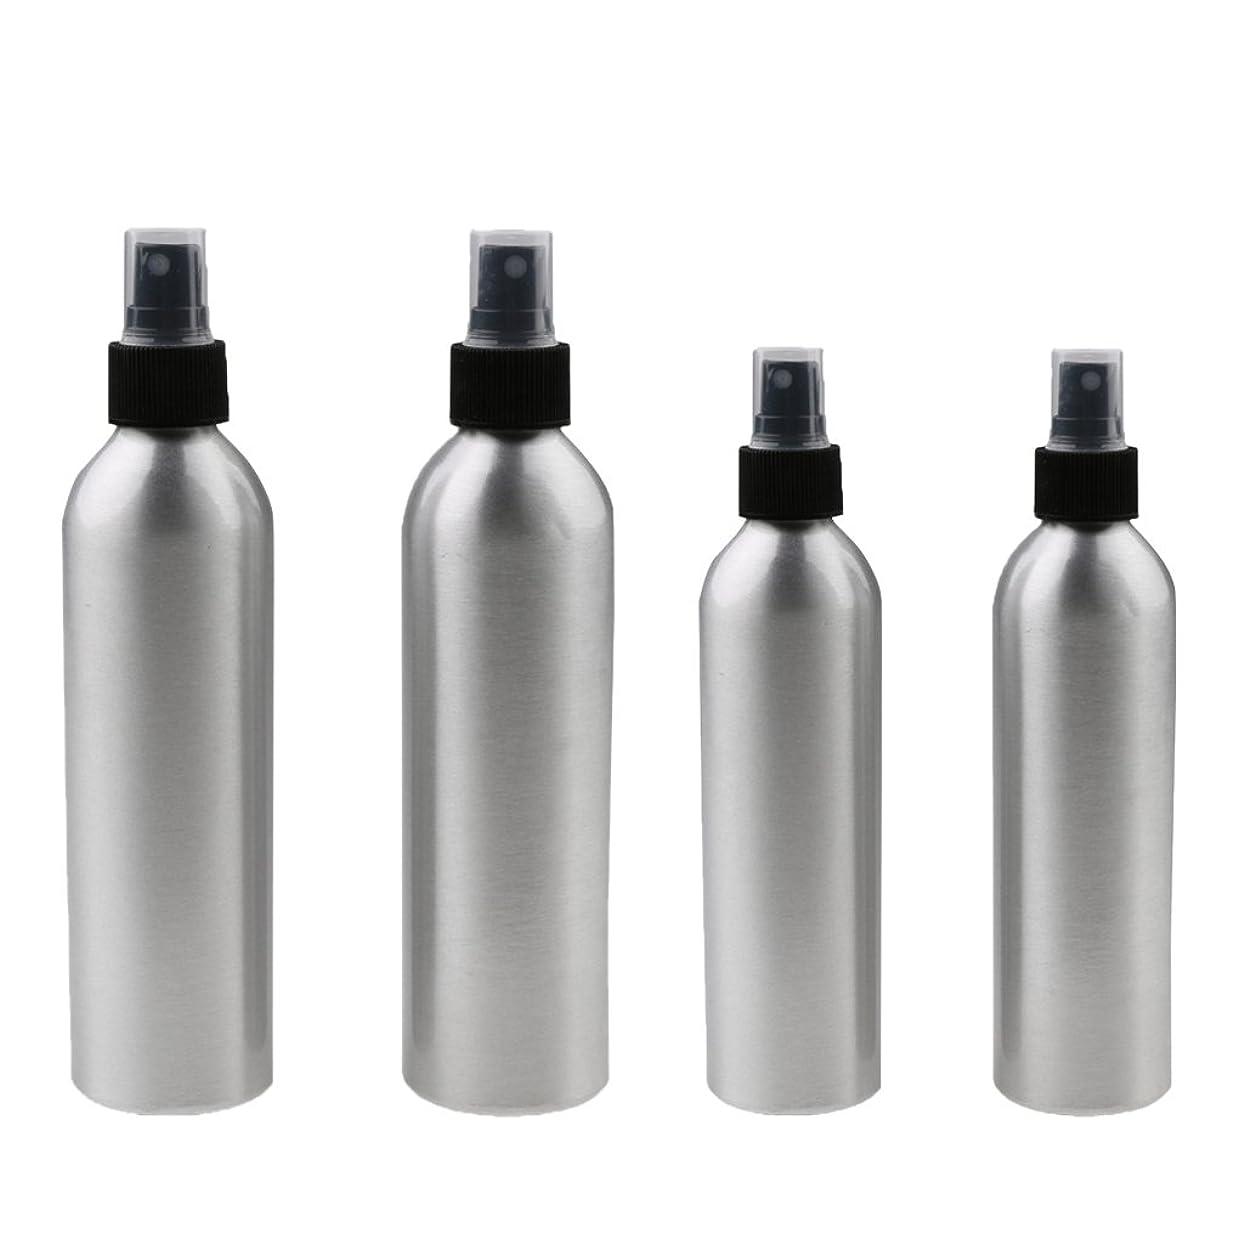 内陸エイリアス逆にKesoto 4本入り スプレーボトル 100mlと150ml各2本 アルミミスト スプレー 香水 ボトル スプレーアトマイザー